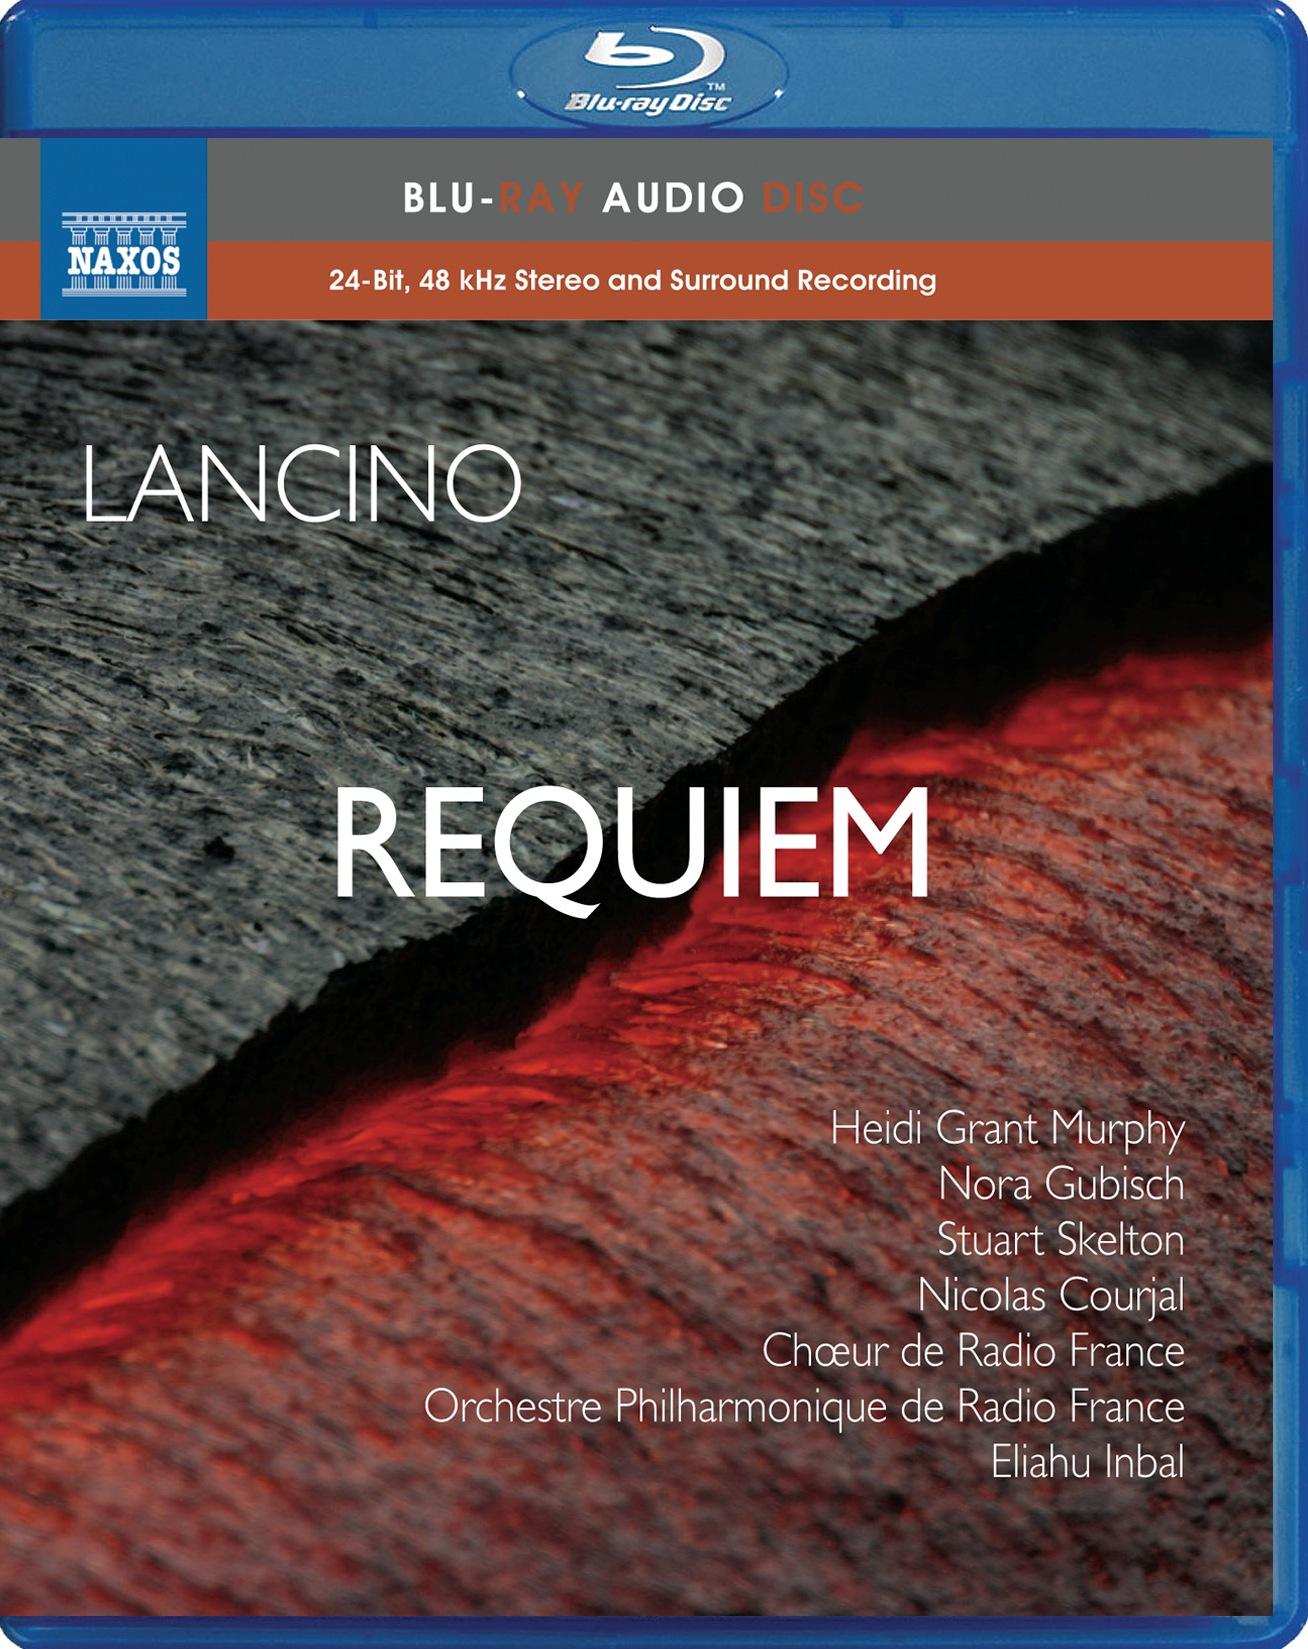 Orchestre Philharmonique de Radio France: Lancino - Requiem